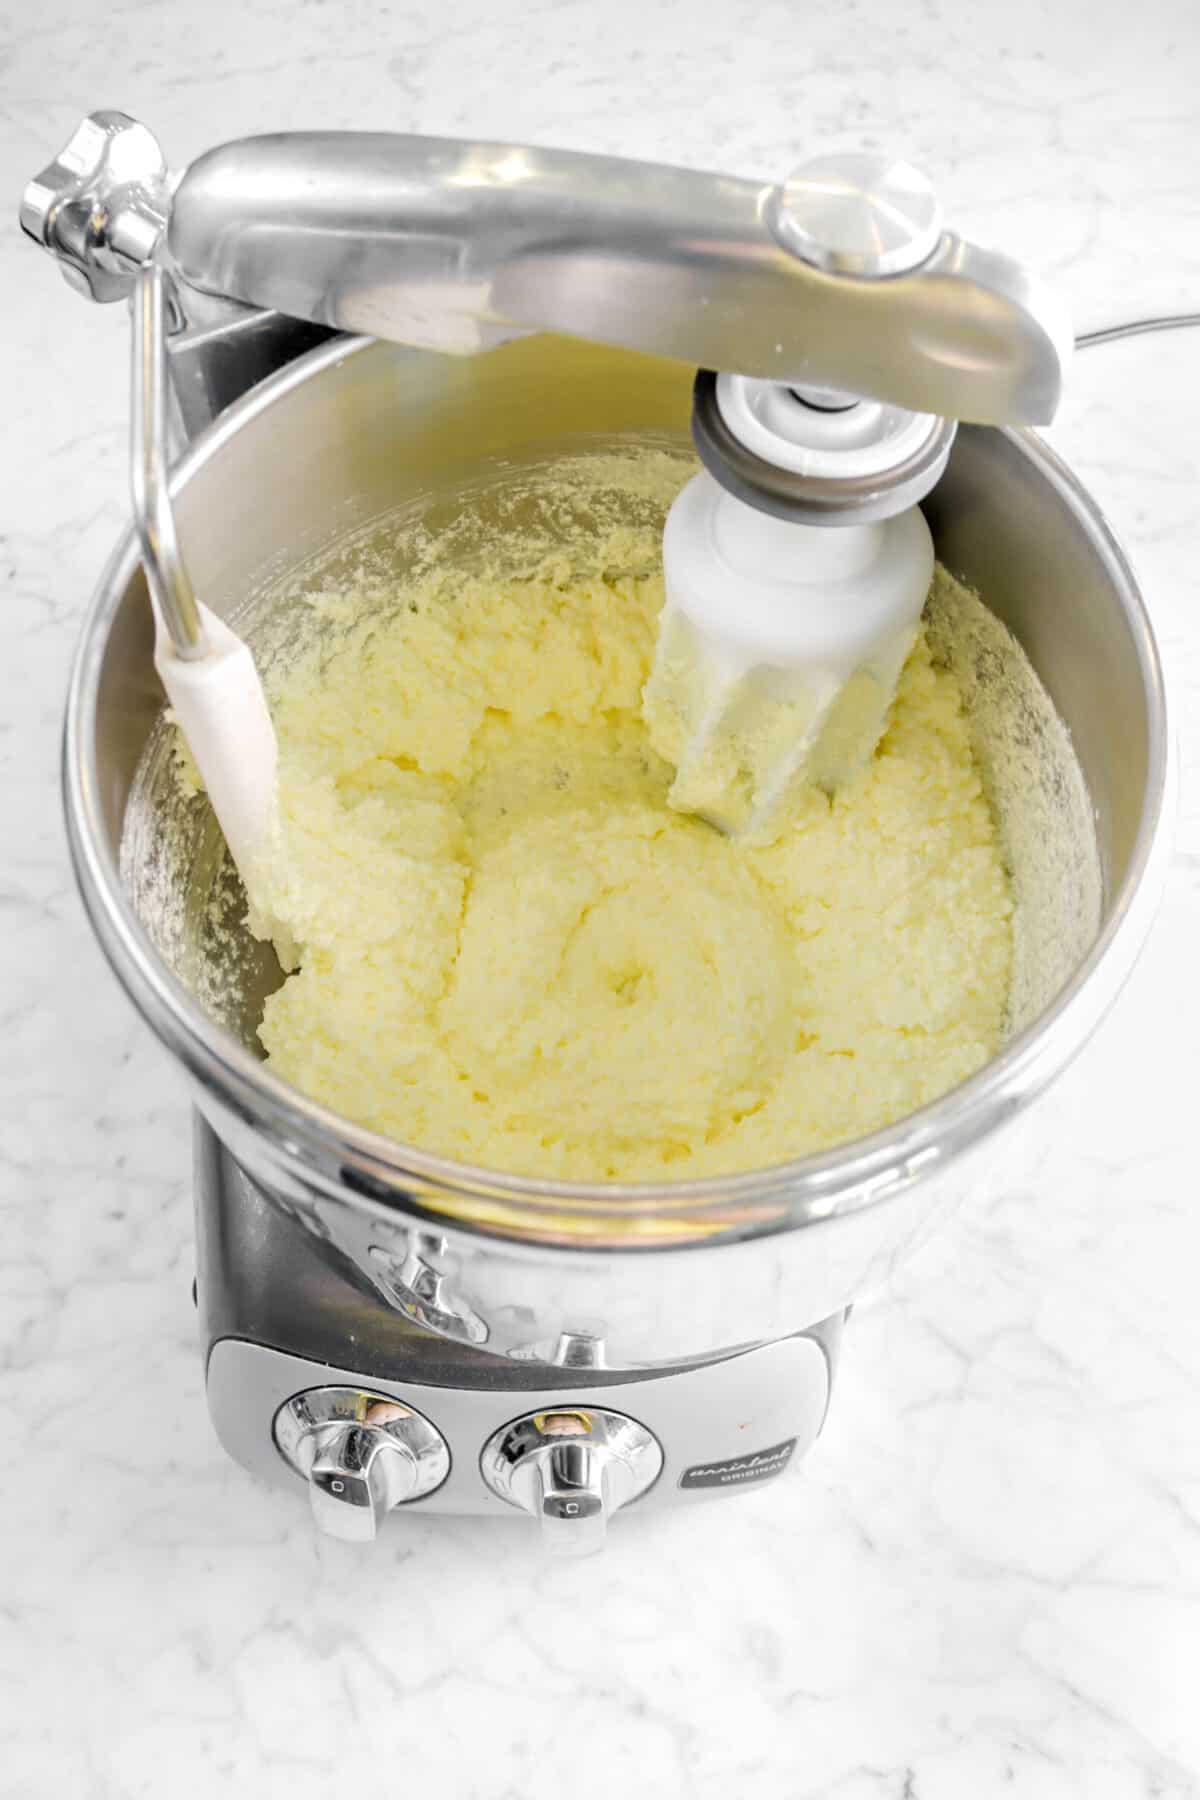 lemon juice stirred in